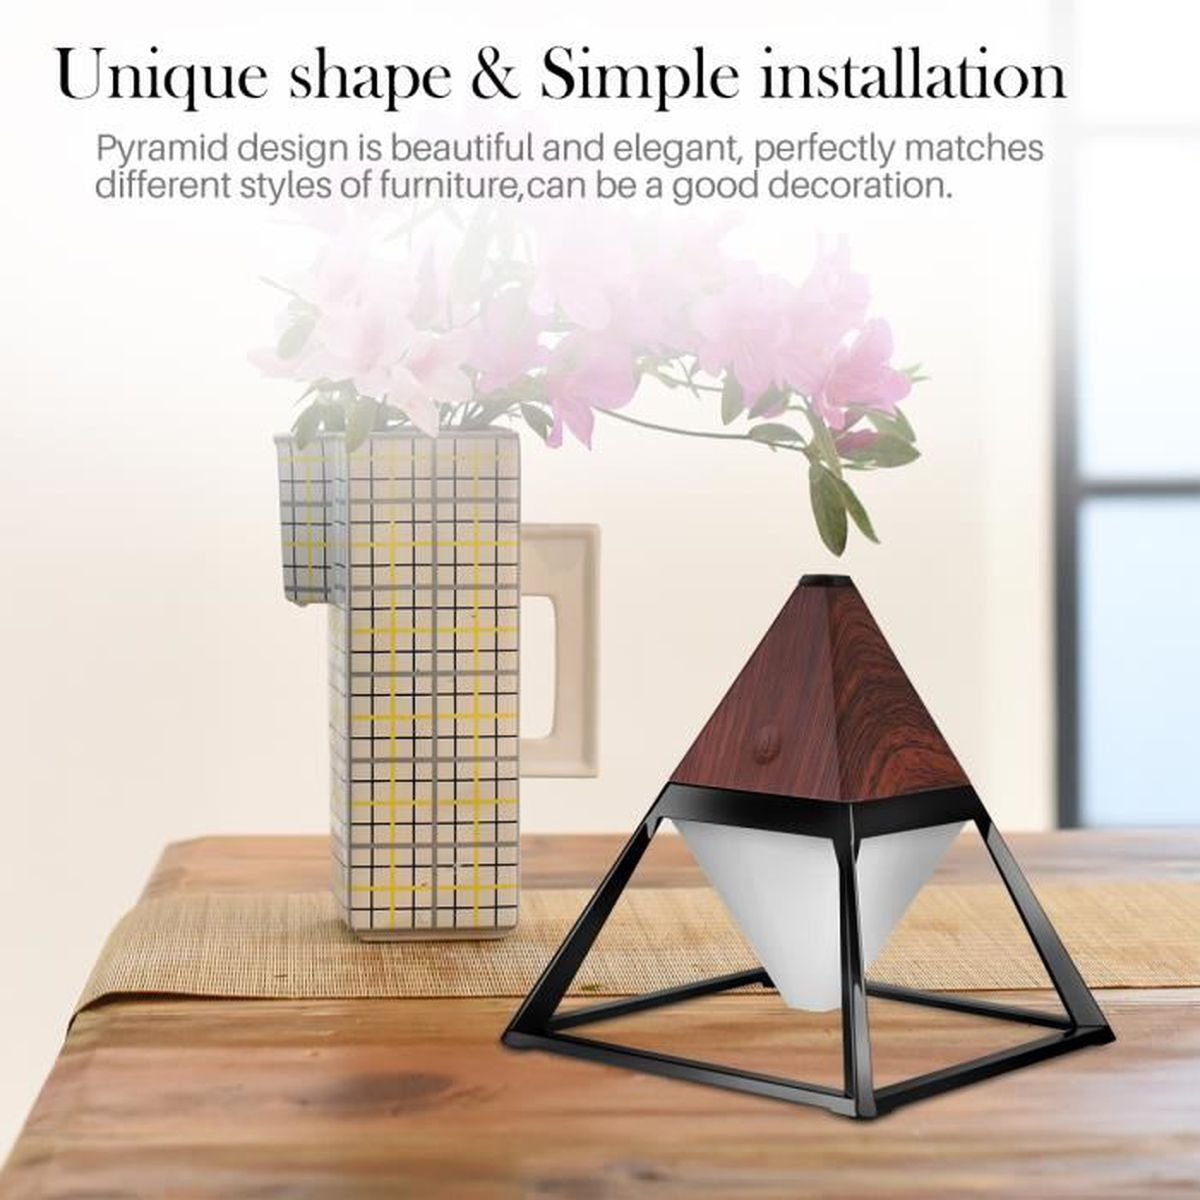 Lampe Table Lecture Soins Pyramide Pour Led De 4w Lumière xeCQdrBoW